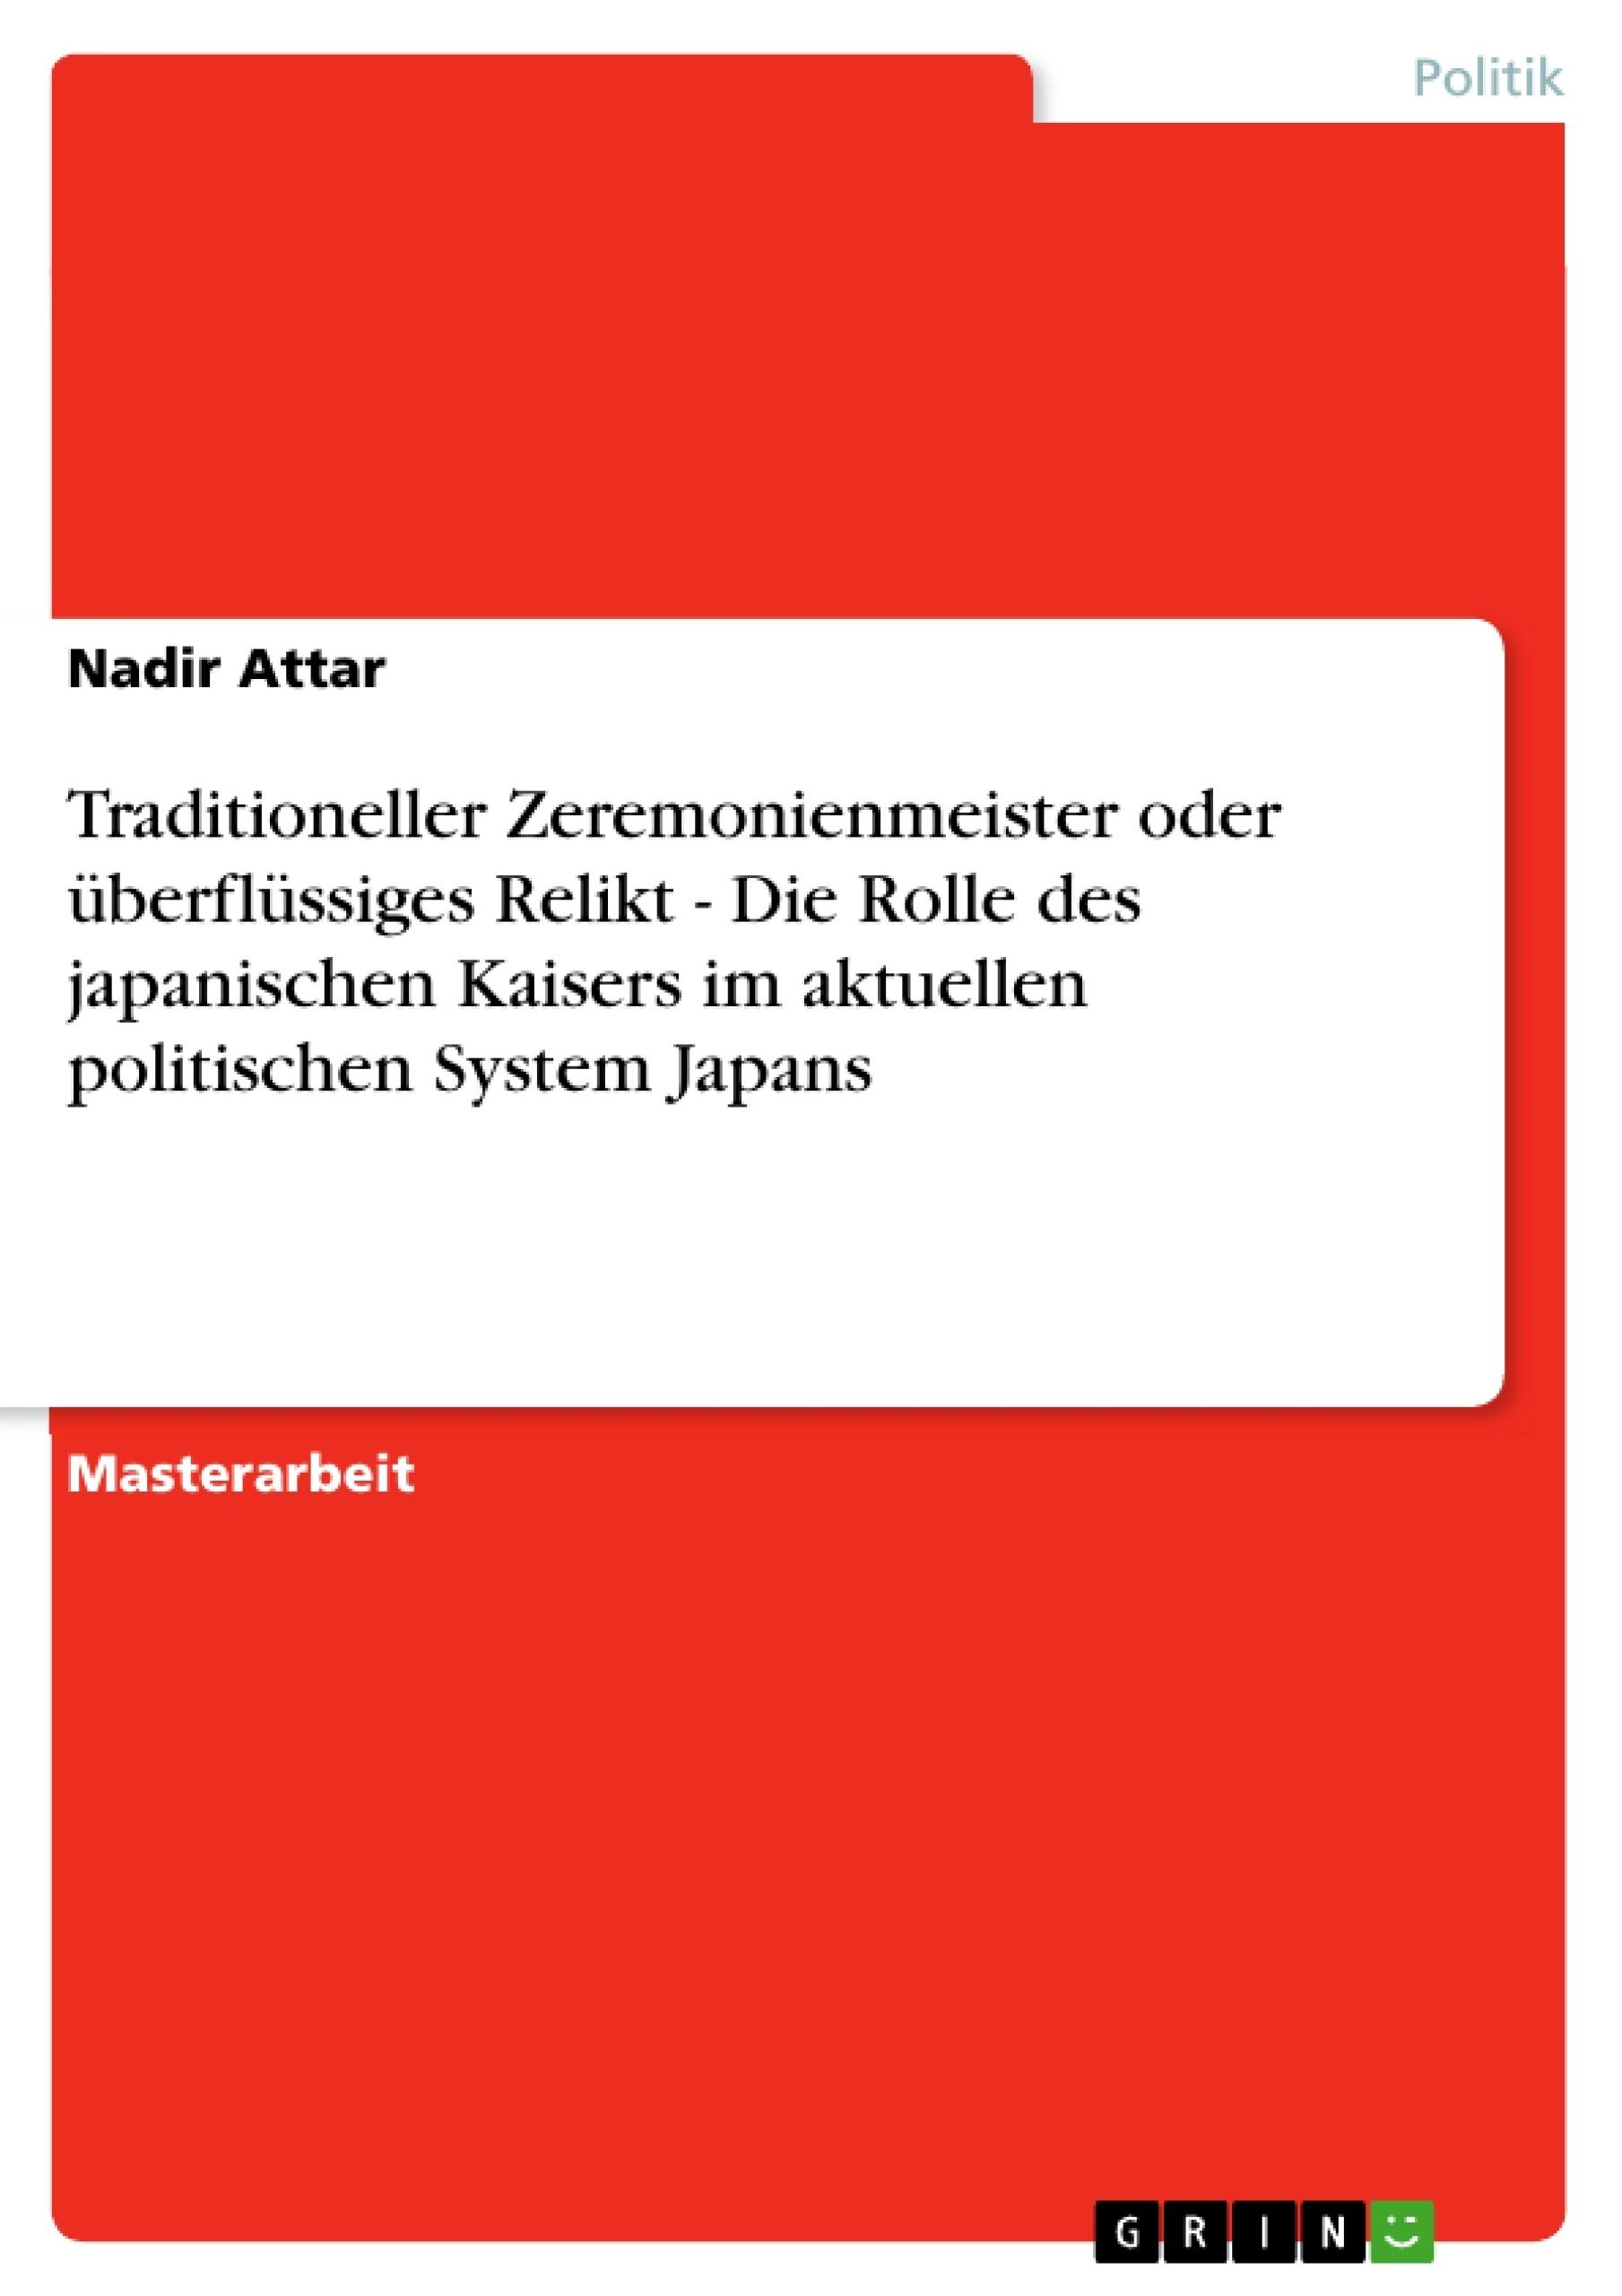 Titel: Traditioneller Zeremonienmeister oder überflüssiges Relikt - Die Rolle des japanischen Kaisers im aktuellen politischen System Japans